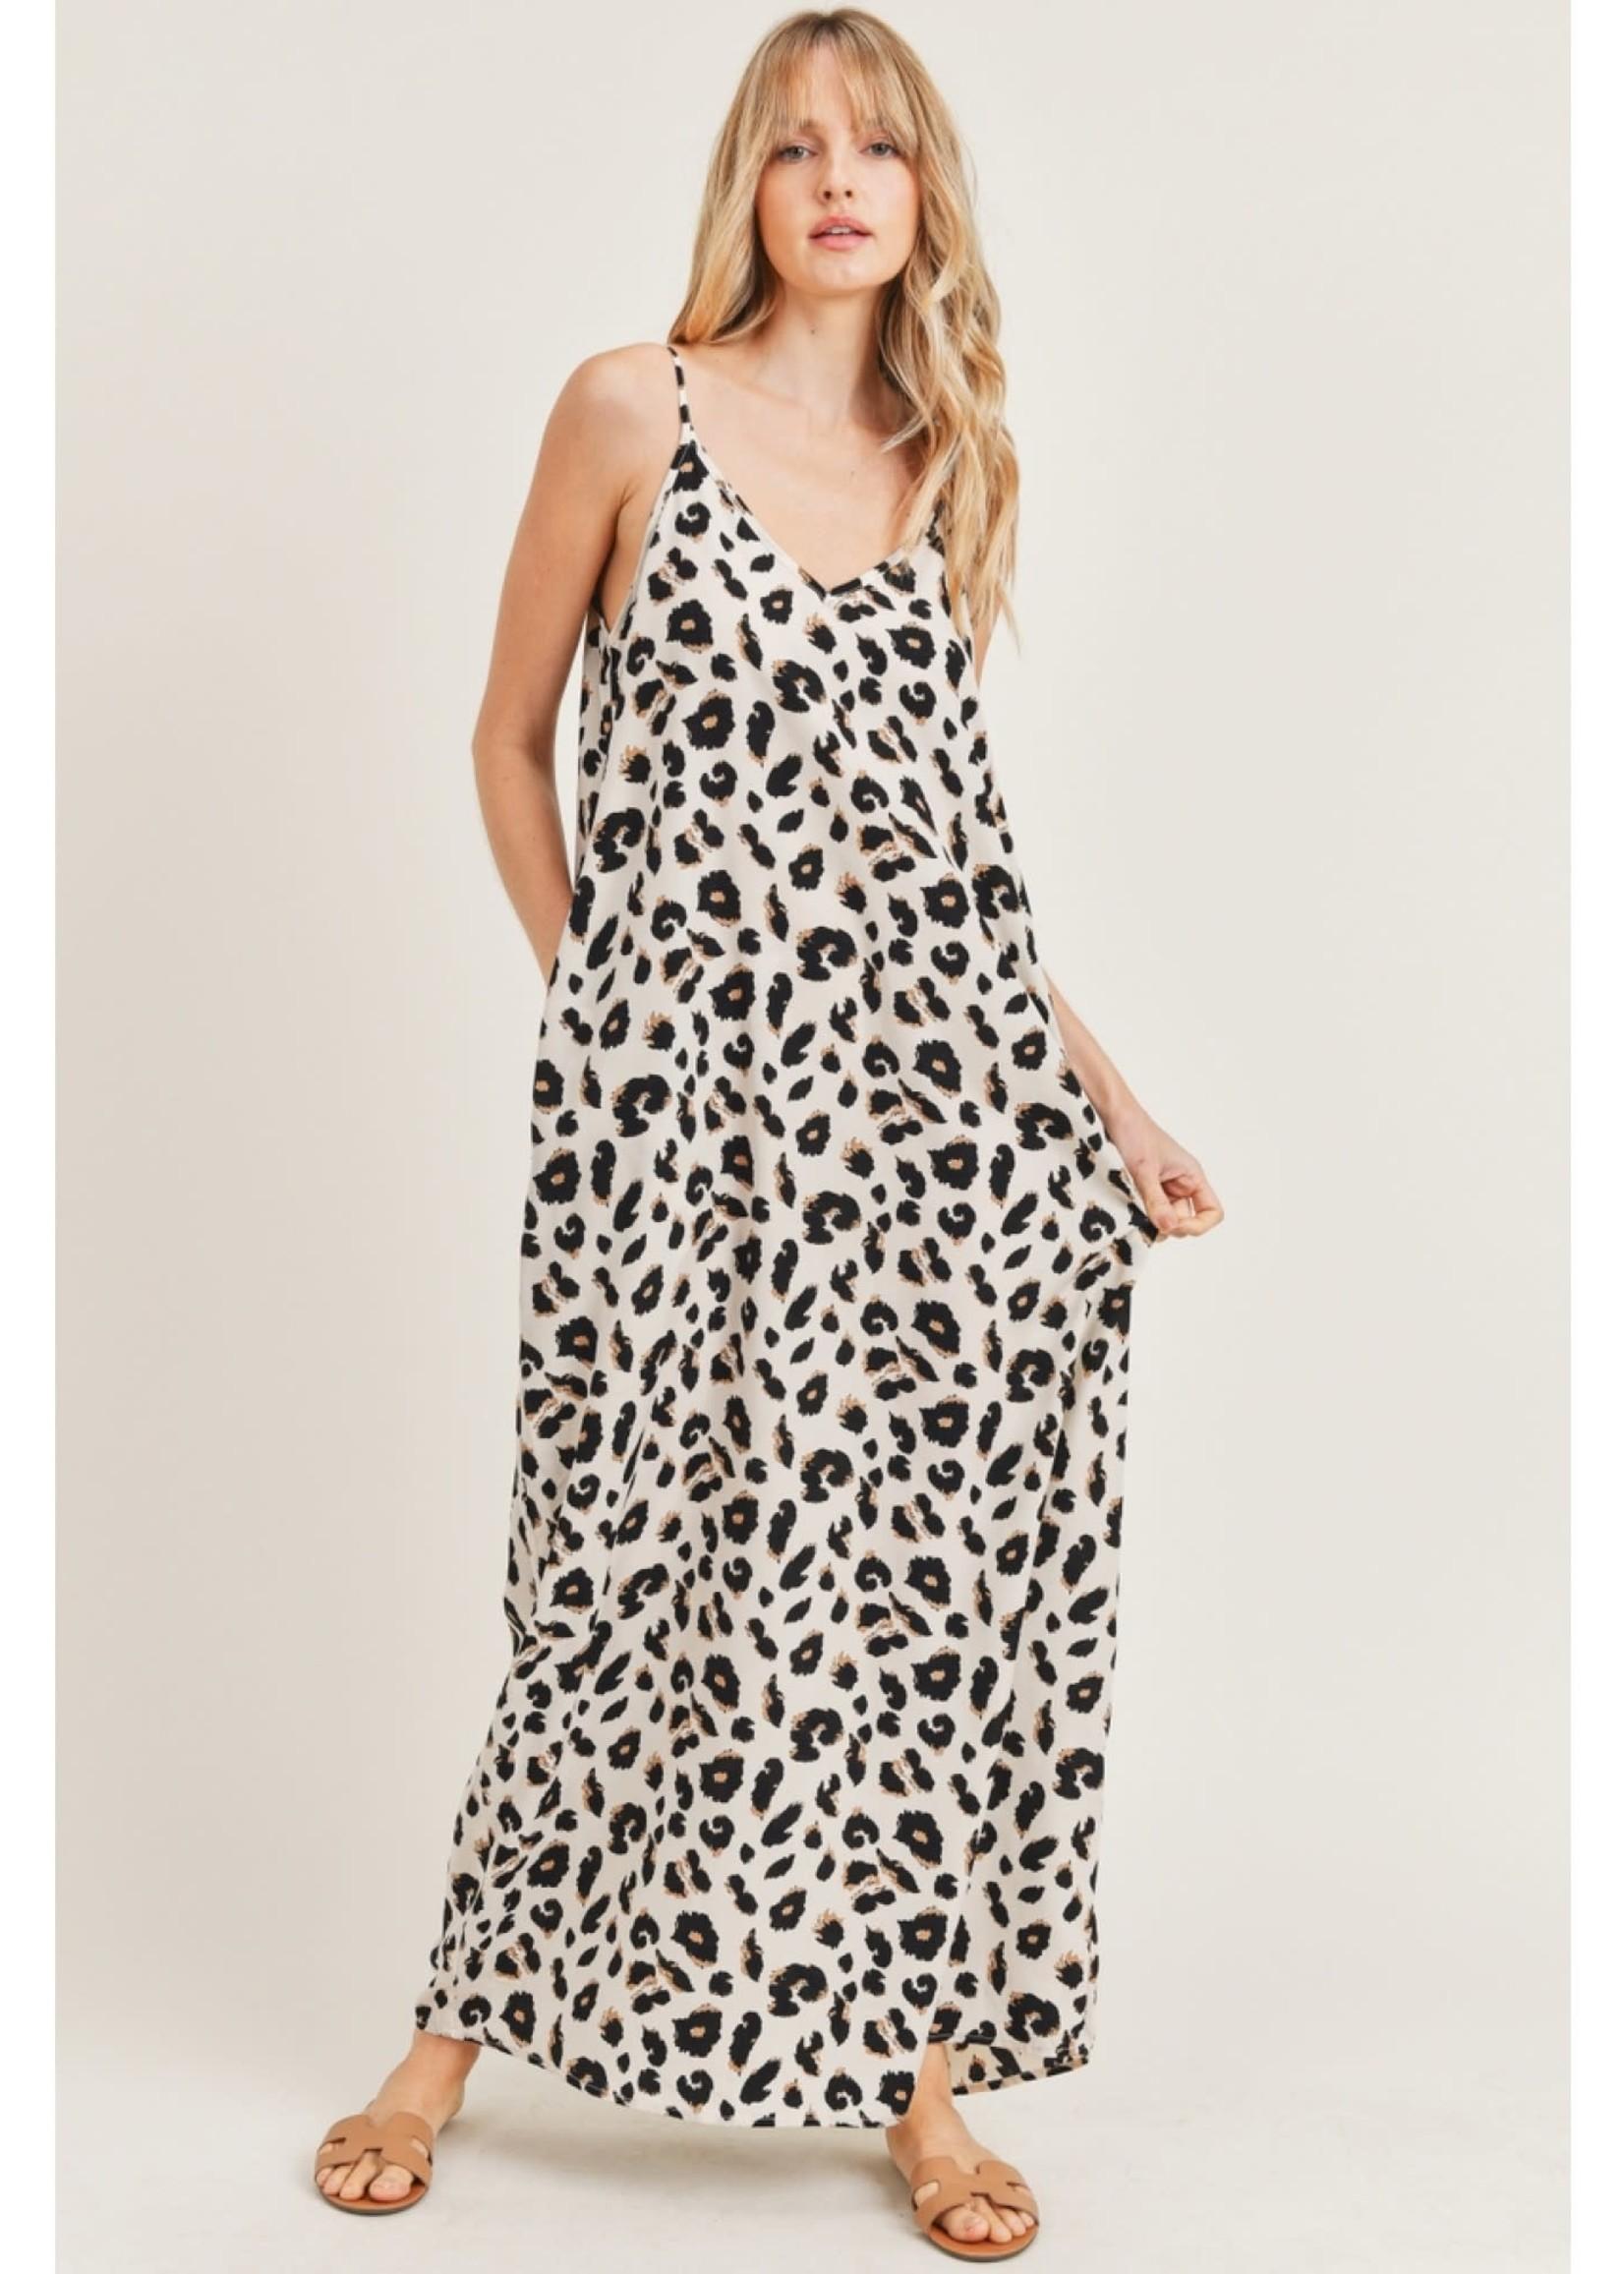 Jodi FL Leopard Print Maxi Dress